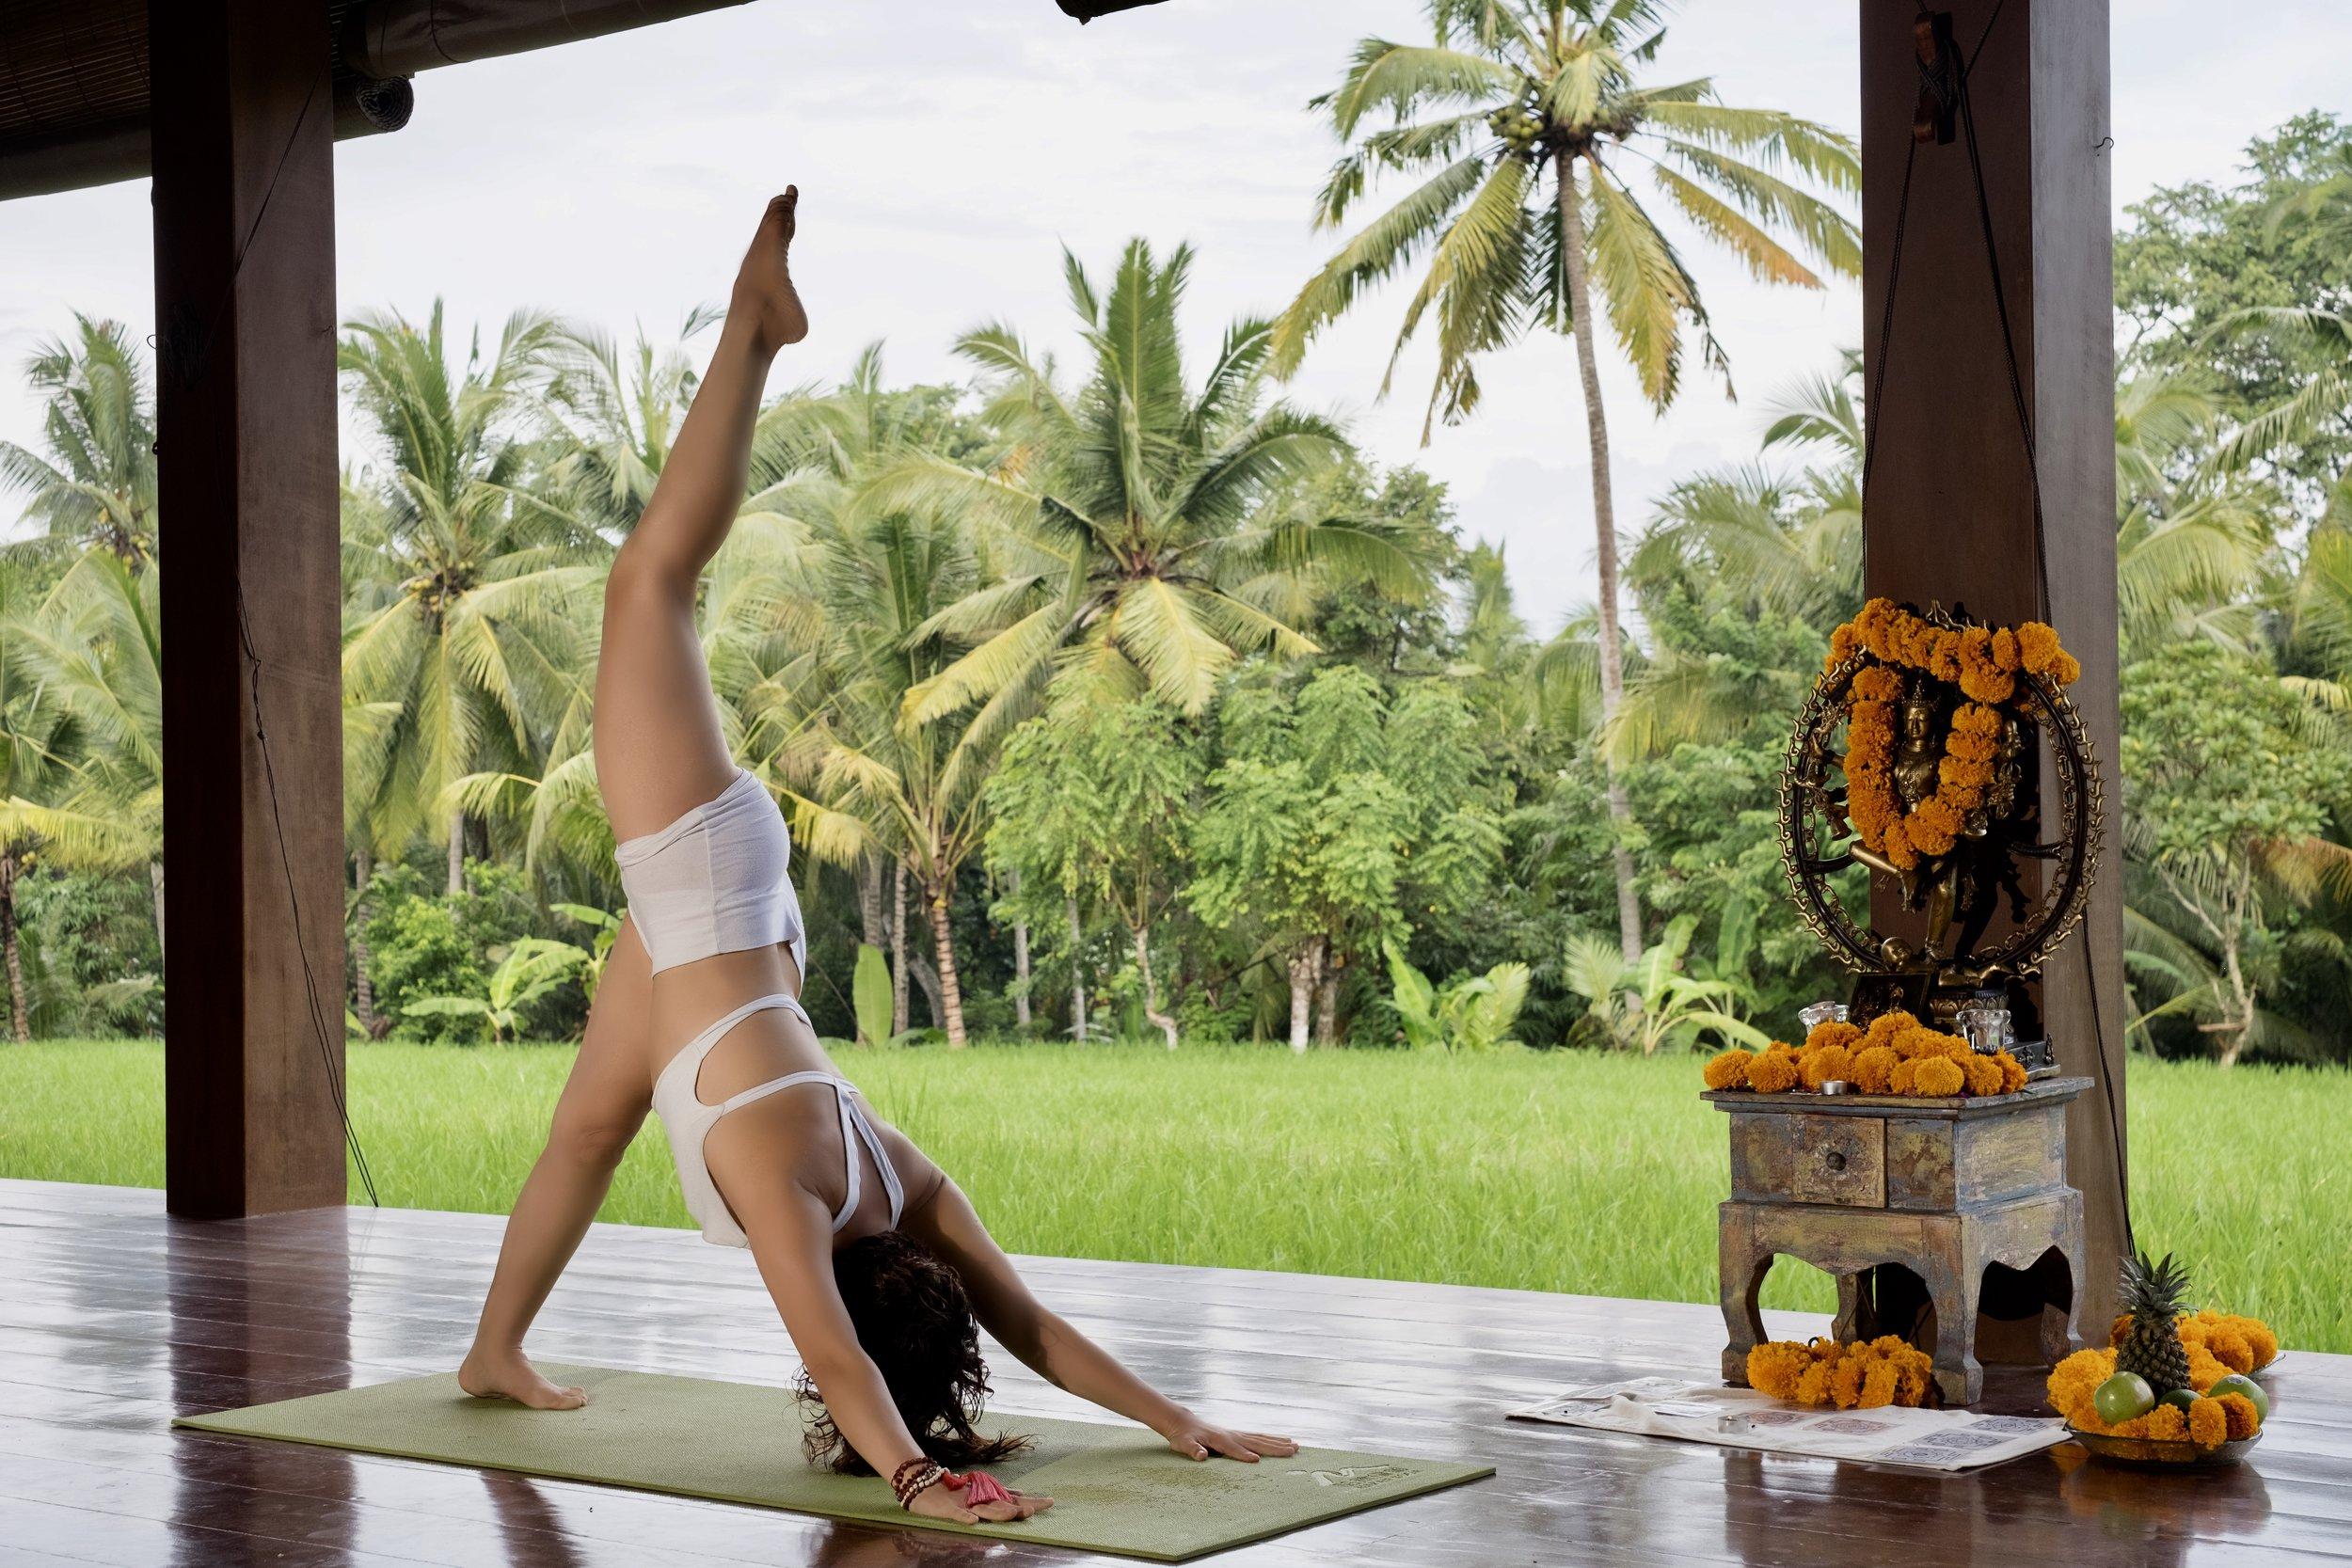 Jessica-vilches-yoga-bali-india-goa-arambol-ubud-ashtanga-vinyasa-teacher-training-yoga alliance